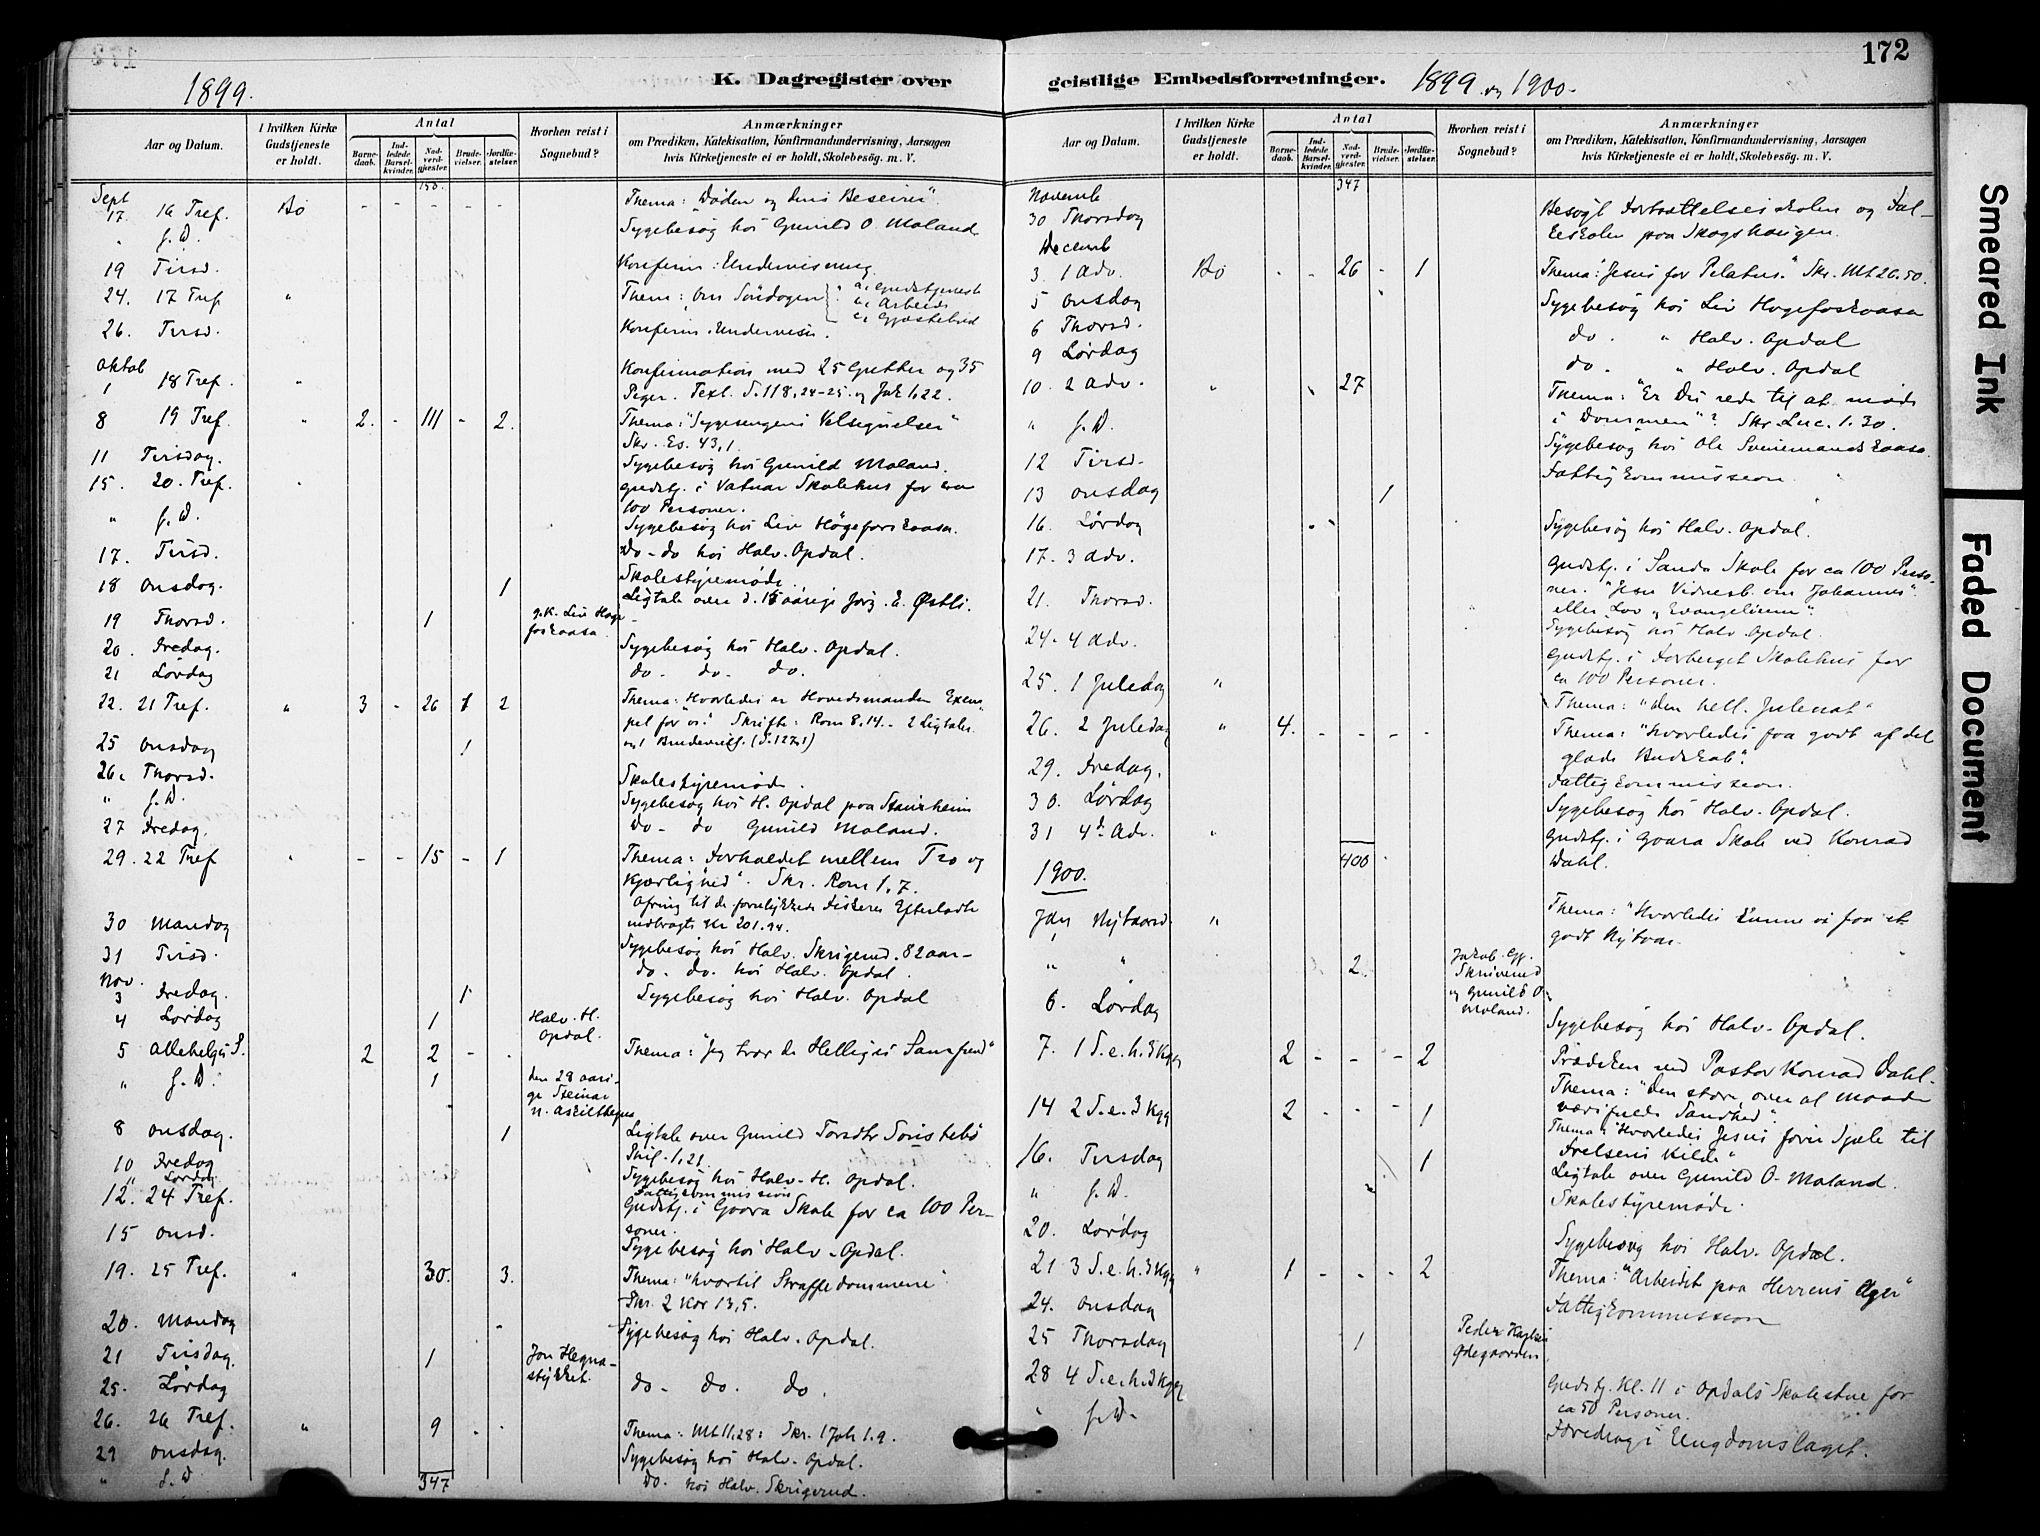 SAKO, Bø kirkebøker, F/Fa/L0011: Ministerialbok nr. 11, 1892-1900, s. 172